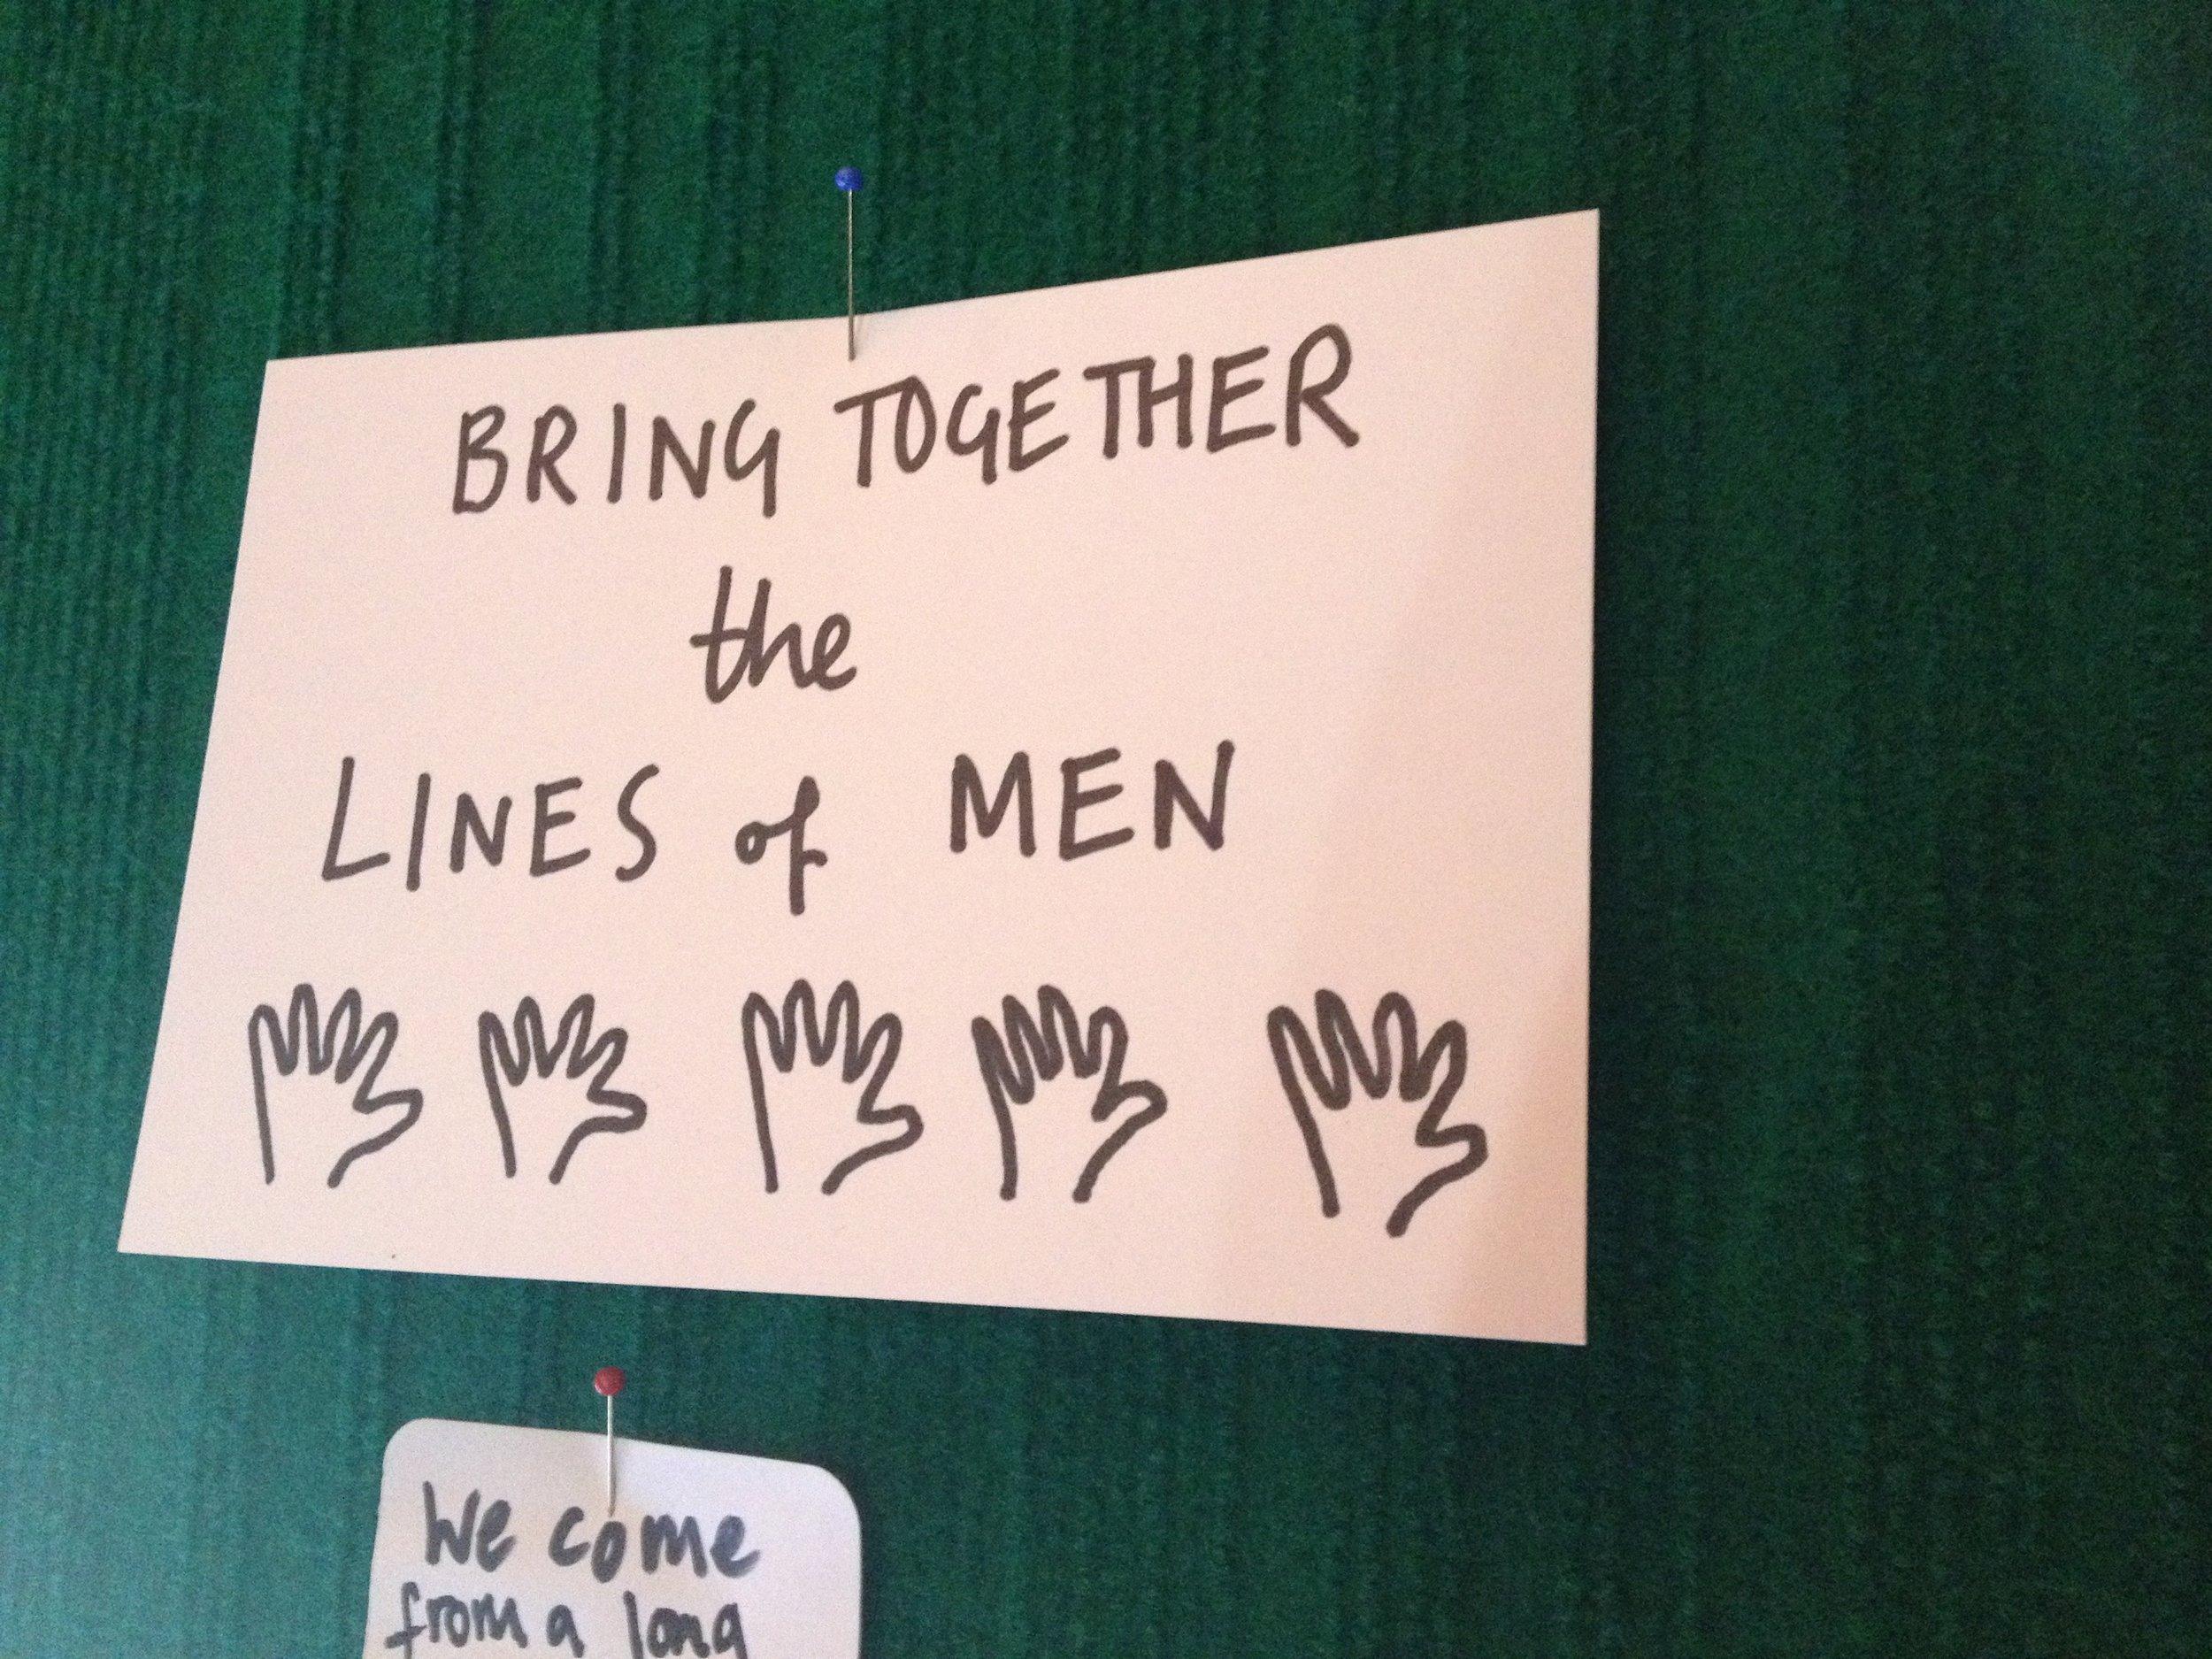 Bring together the lines of men.jpg